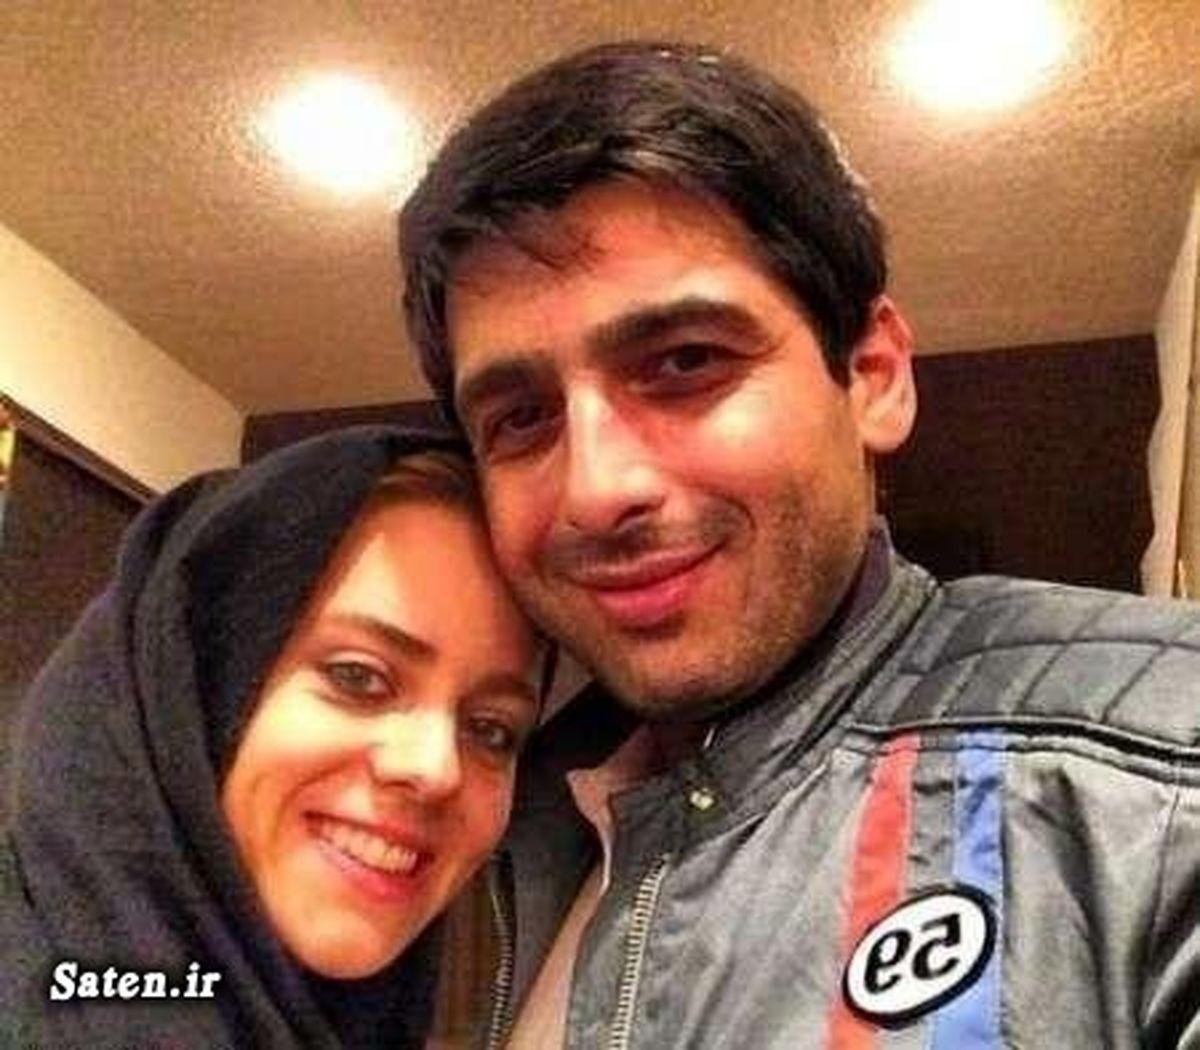 افشاگری همسر حمید گودرزی از ازدواج دوم همسرش + عکس